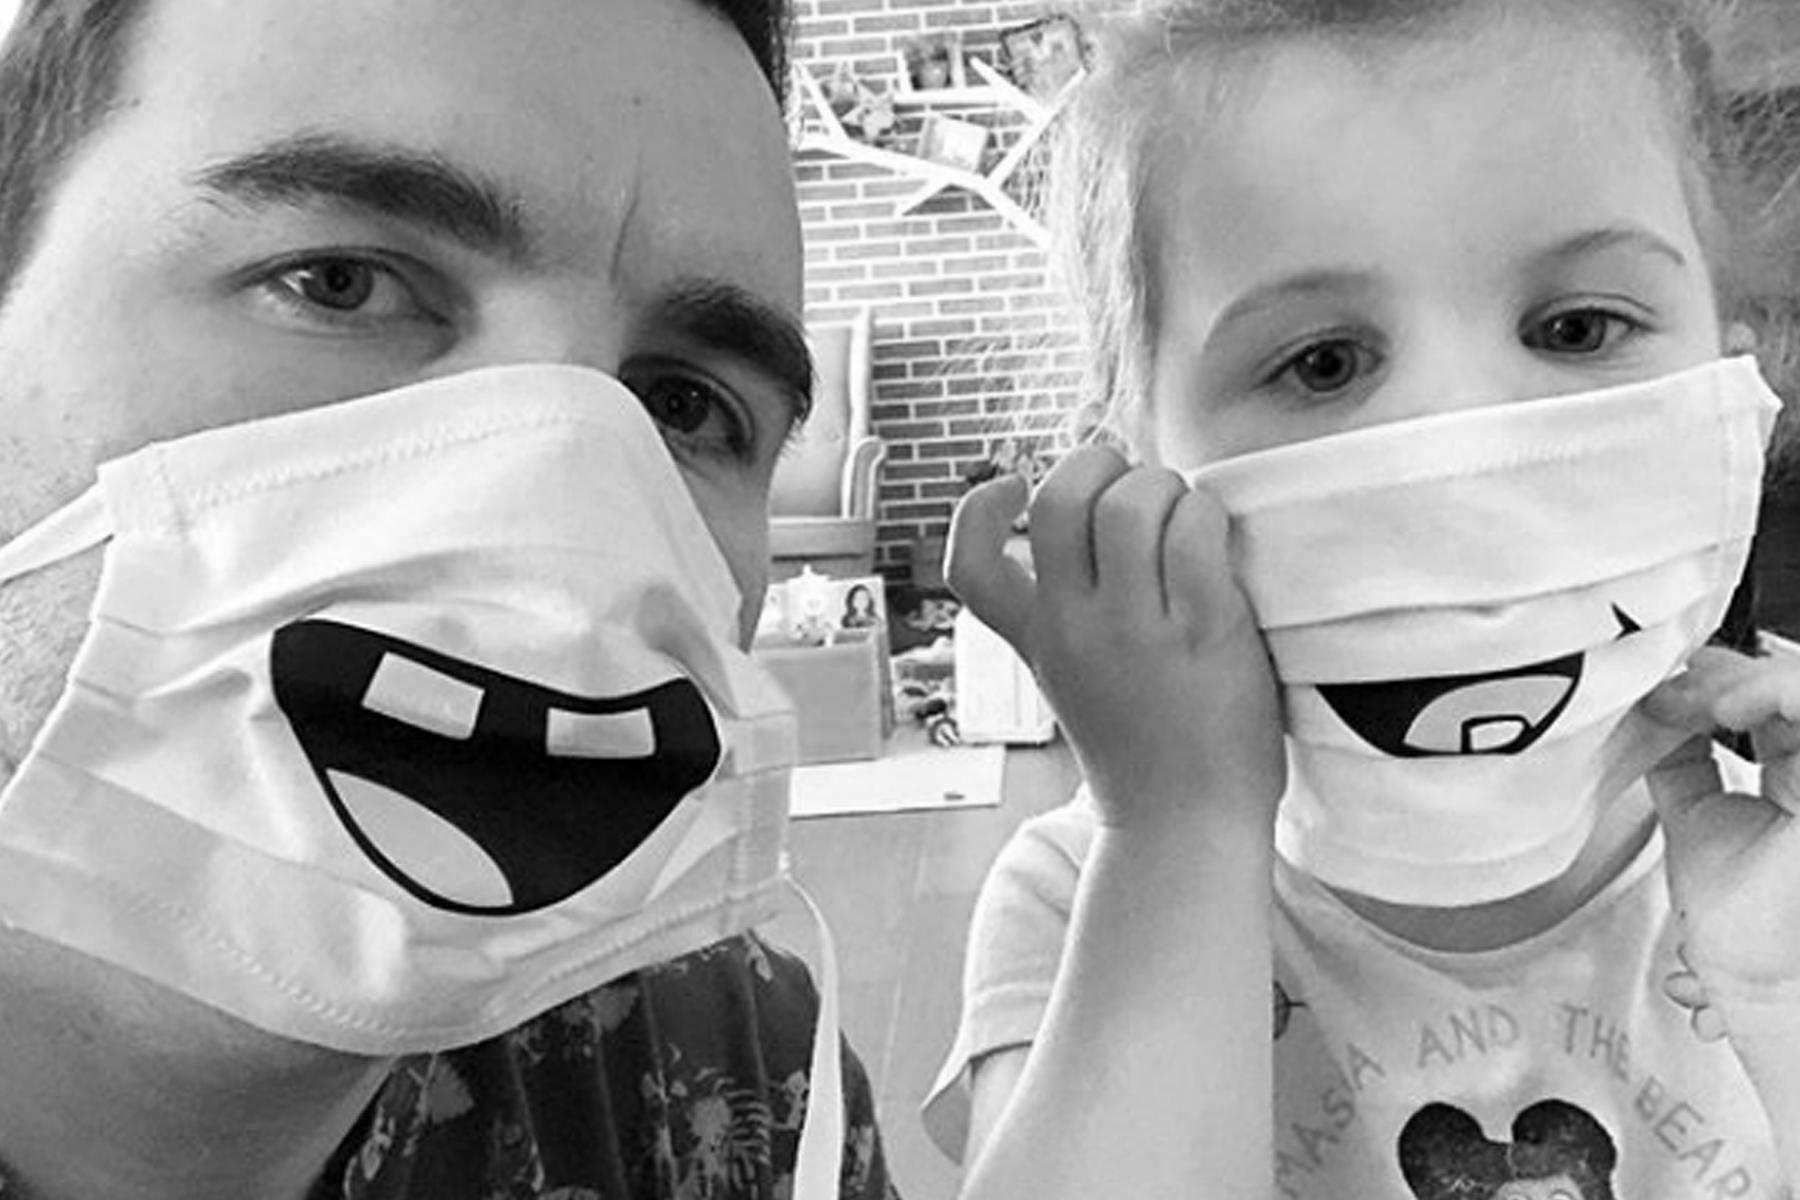 Kdo hledá/nabízí pomoc při epidemii koronaviru